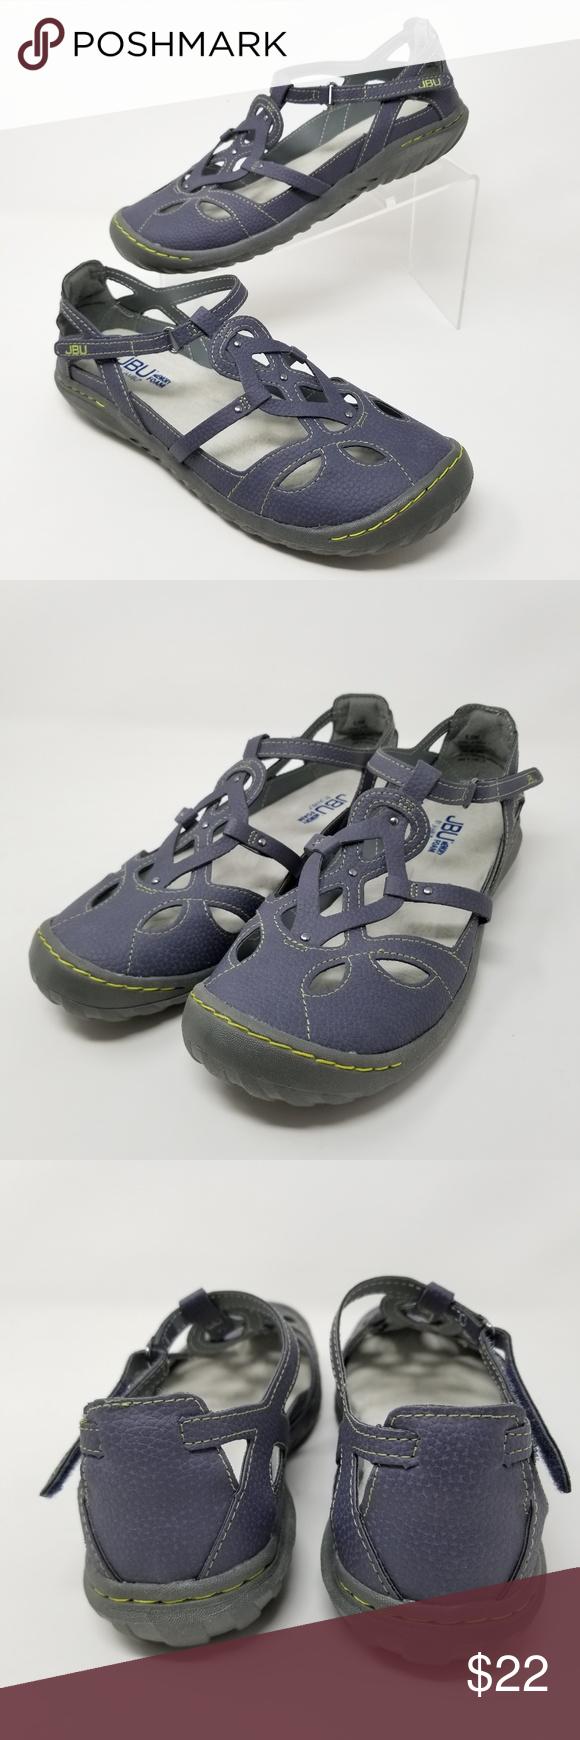 50be71a0ca94e JBU by Jambu Ladies Sydney Flat Sandals Denim Blue JBU by Jambu ...